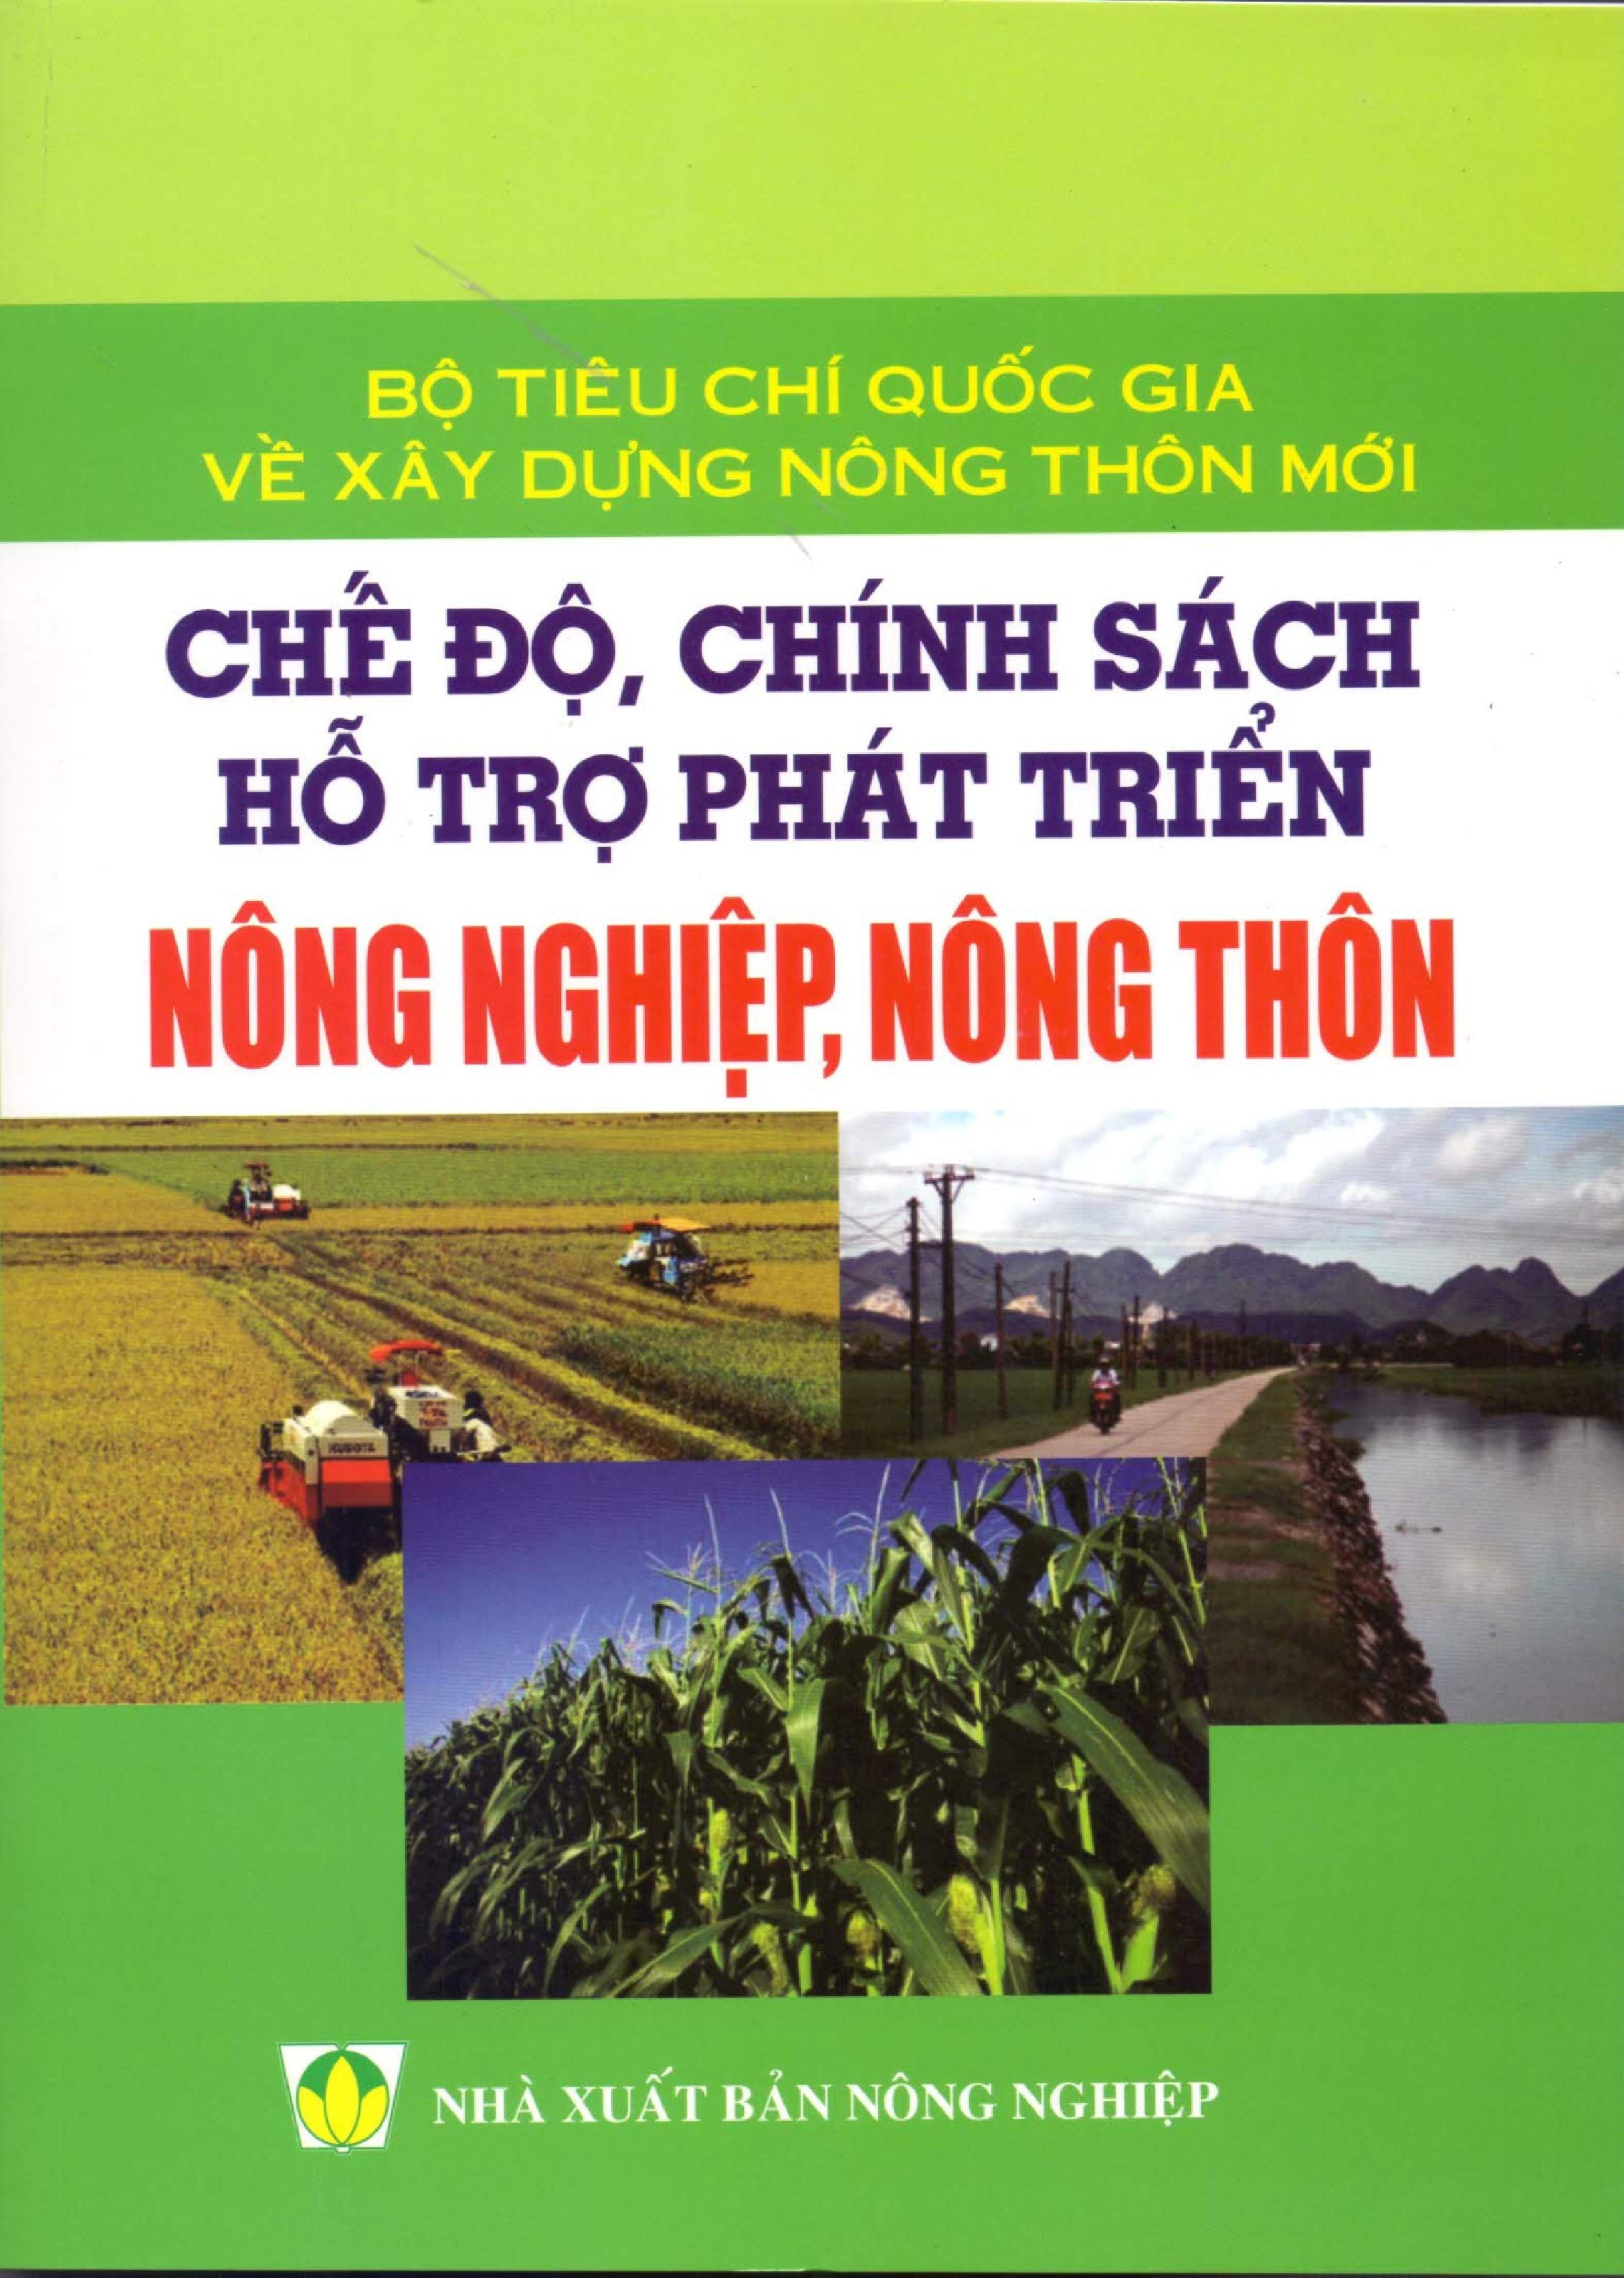 Chế Độ, Chính Sách Hỗ Trợ Phát Triển Nông Nghiệp, Nông Thôn - 1978871 , 2381465086265 , 62_590651 , 350000 , Che-Do-Chinh-Sach-Ho-Tro-Phat-Trien-Nong-Nghiep-Nong-Thon-62_590651 , tiki.vn , Chế Độ, Chính Sách Hỗ Trợ Phát Triển Nông Nghiệp, Nông Thôn